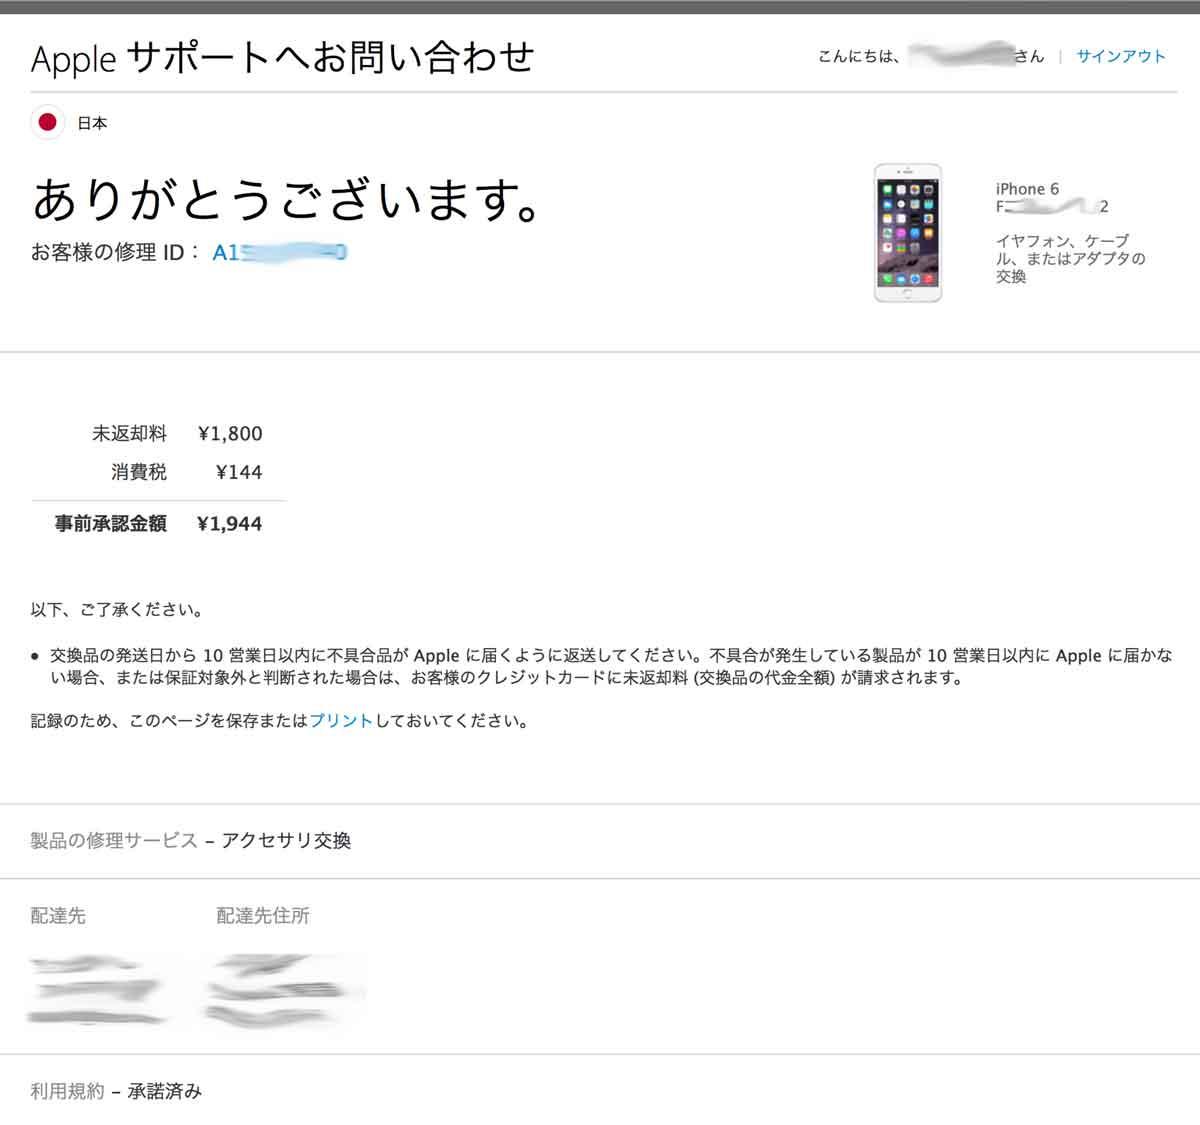 iPhoneのライトニングケーブル交換、2日くらいで届きます